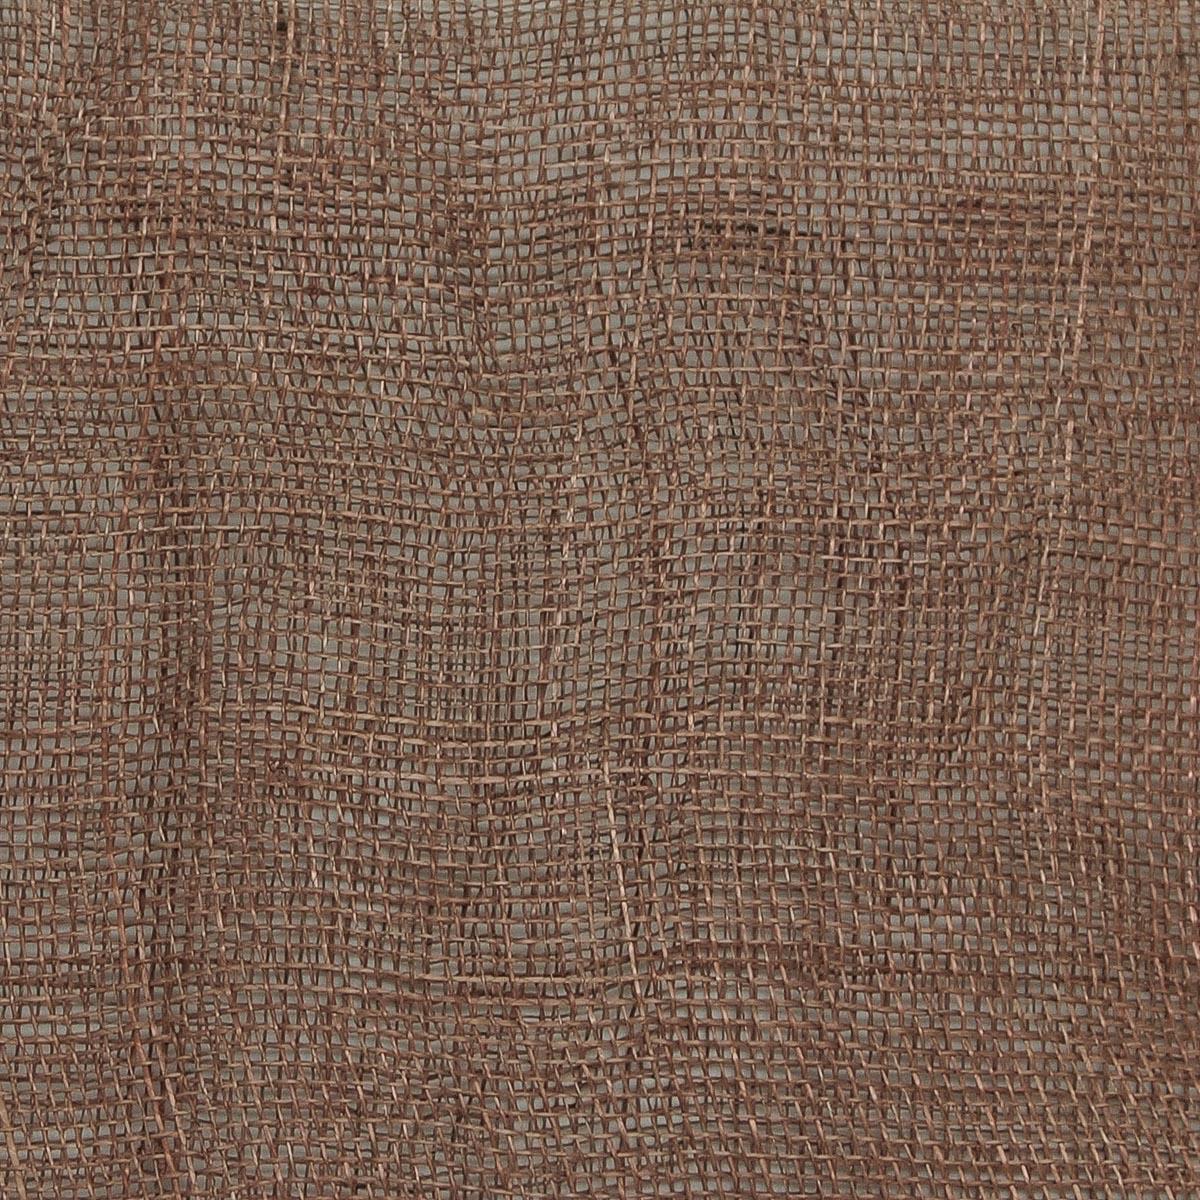 light brown medium sizing stiff sinamay fabric